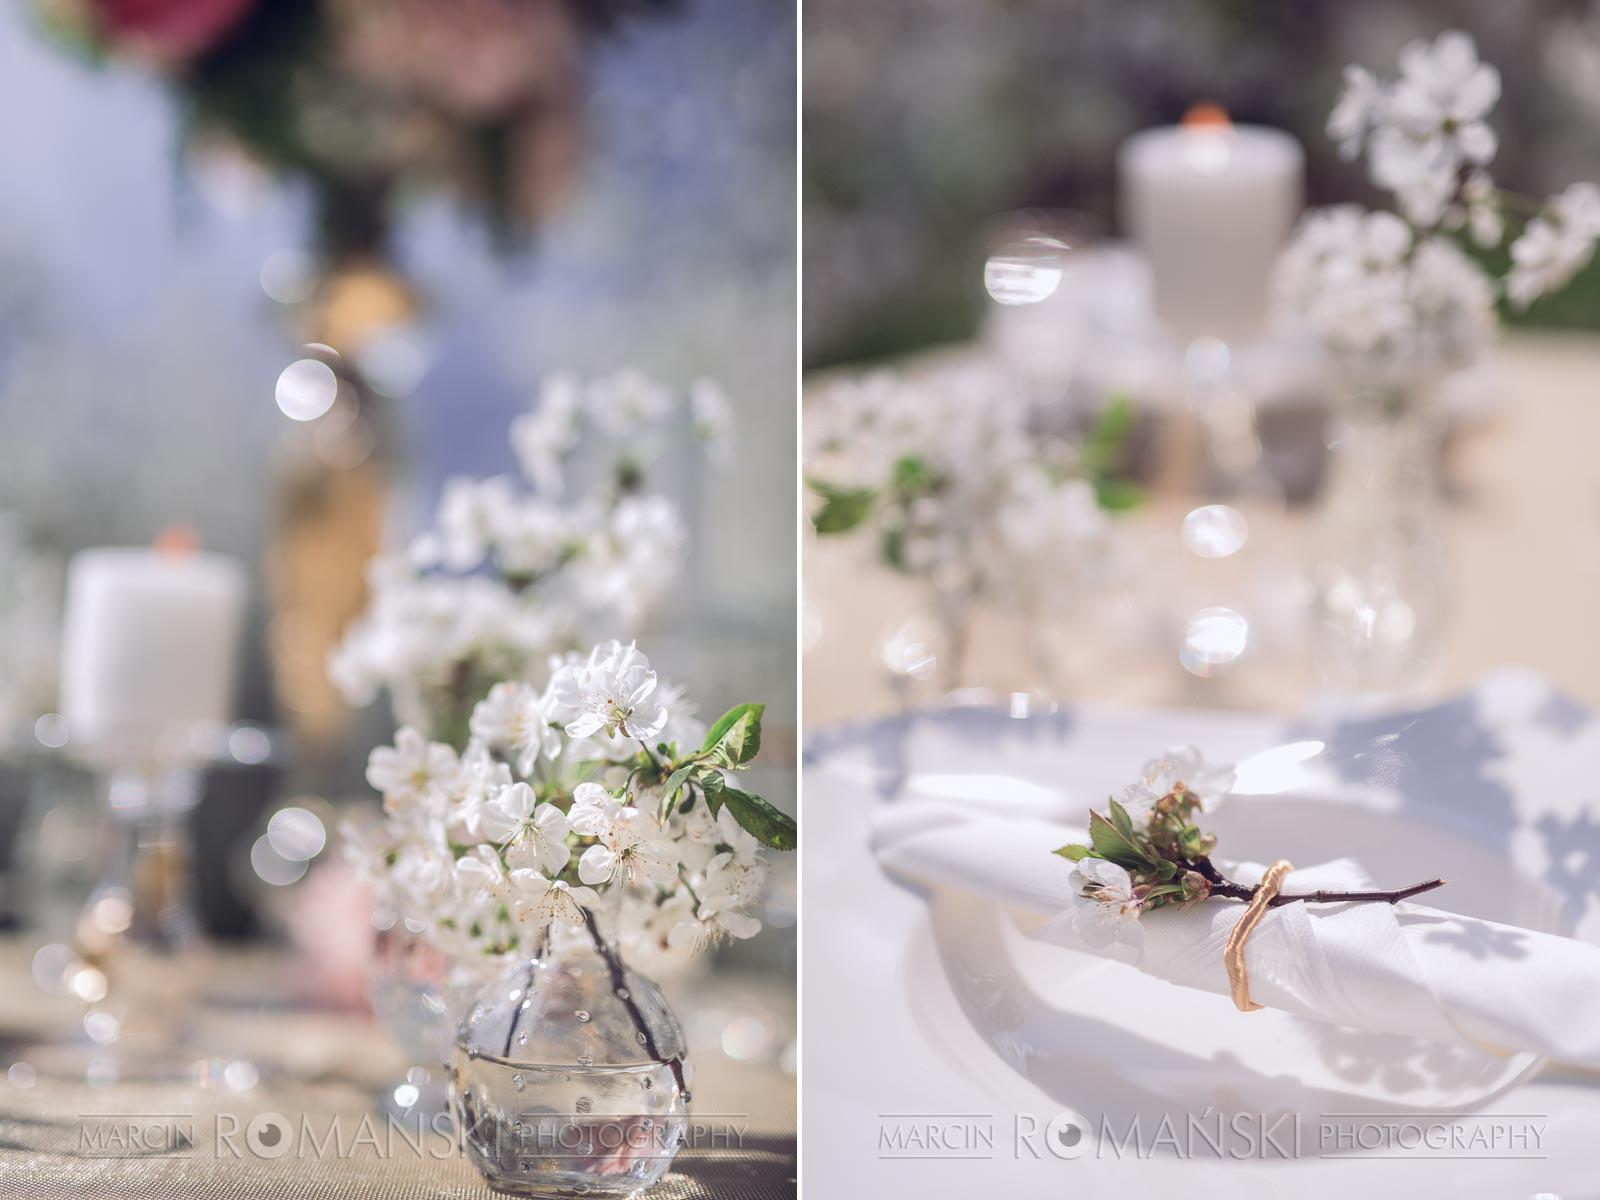 Gałązki wiśni jako ozdoba stołu weselnego.